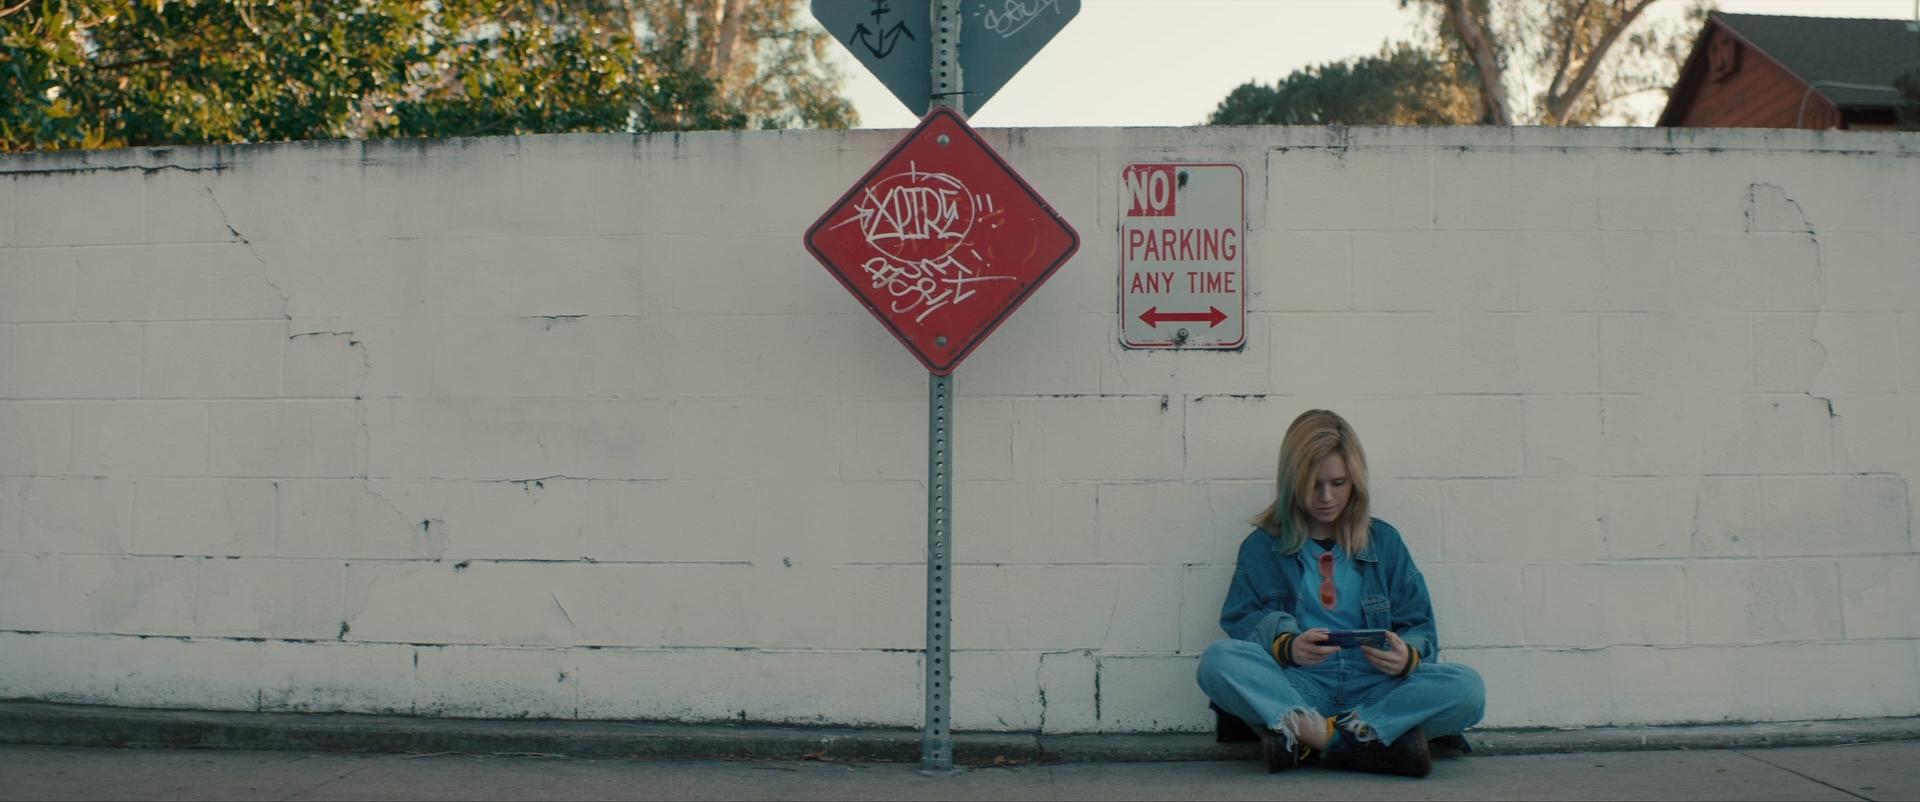 Becky (2020) 1080p BRRip Latino